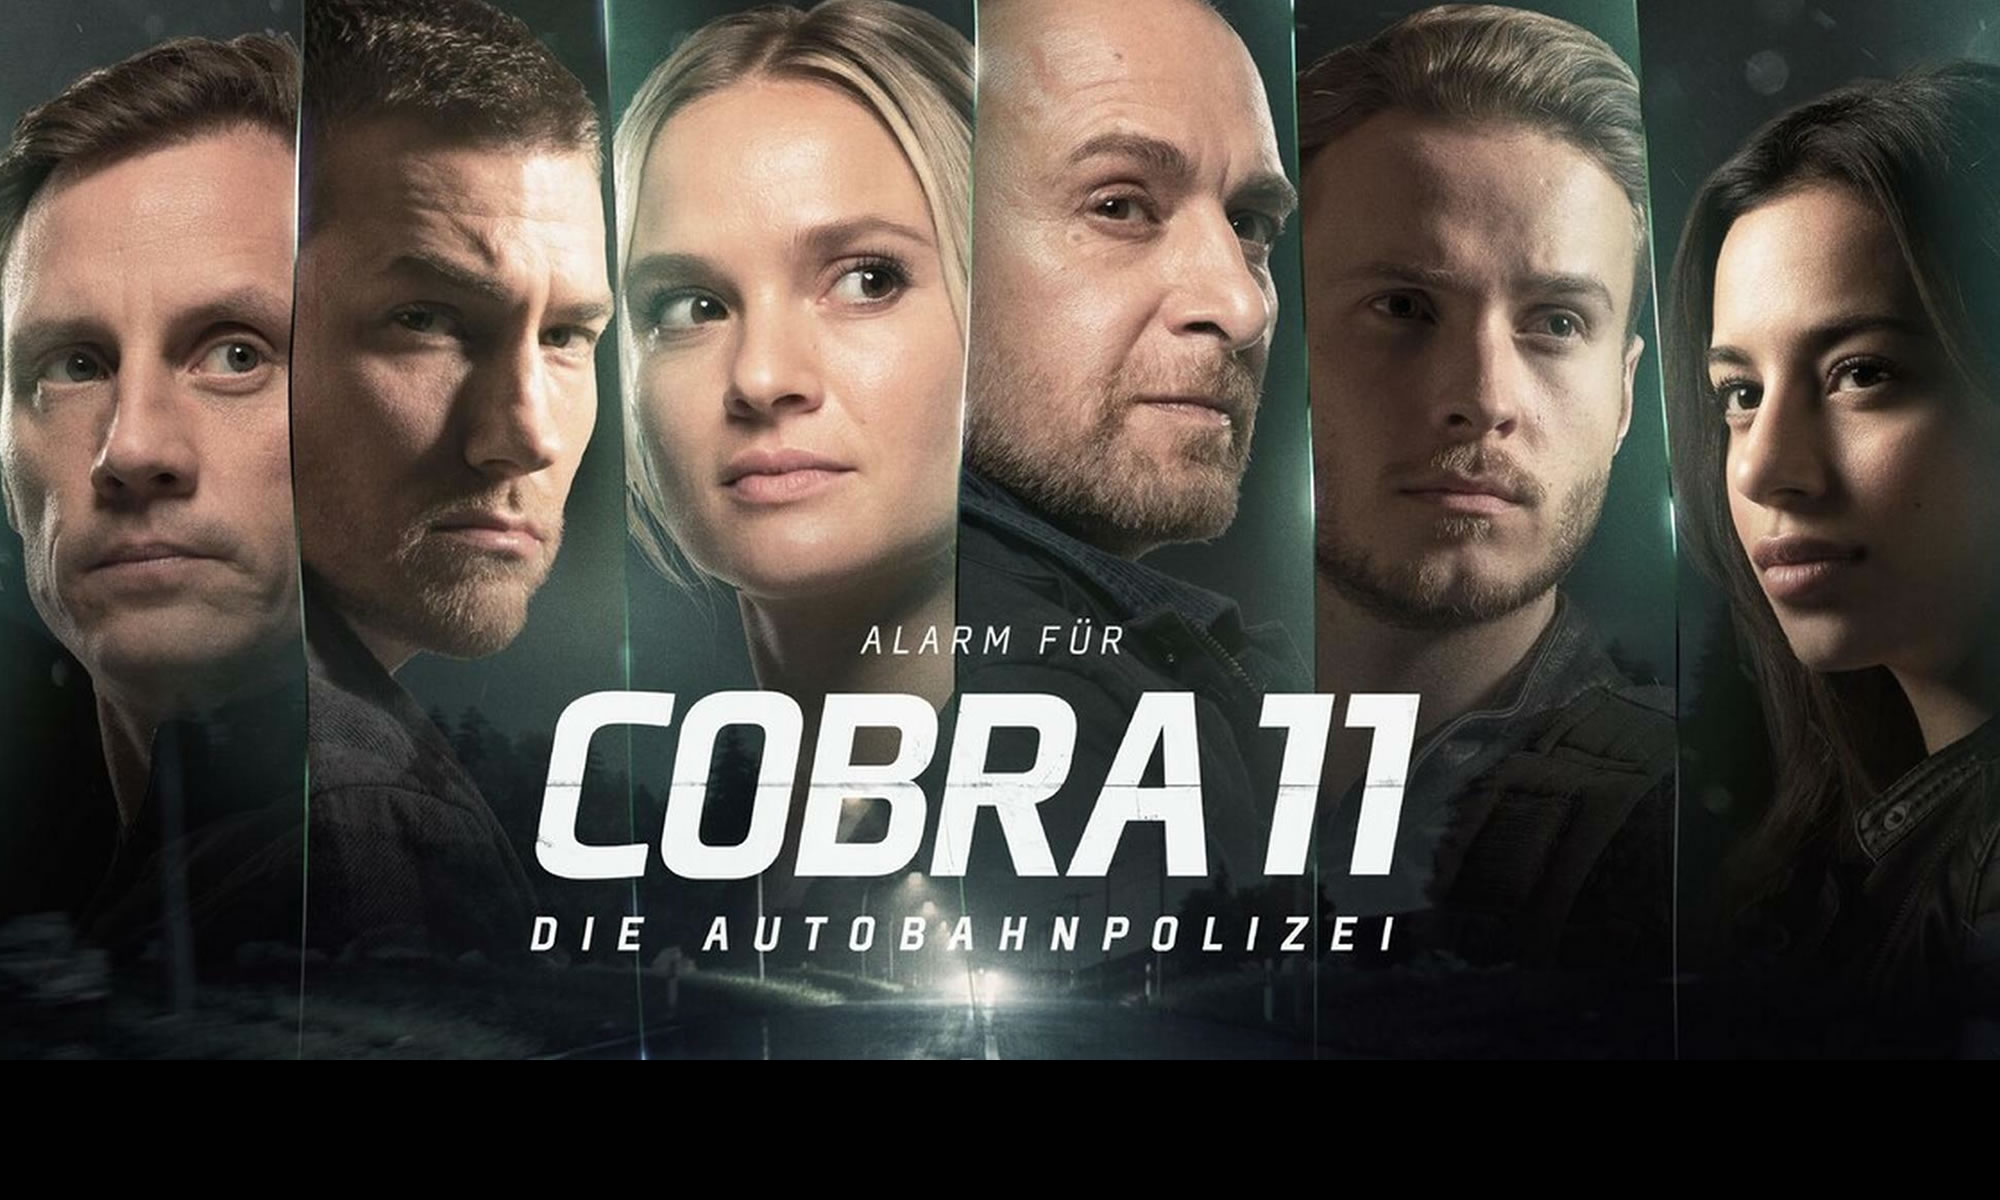 Alarm für Cobra 11 - Die Autobahnpolizei | AFC11.eu